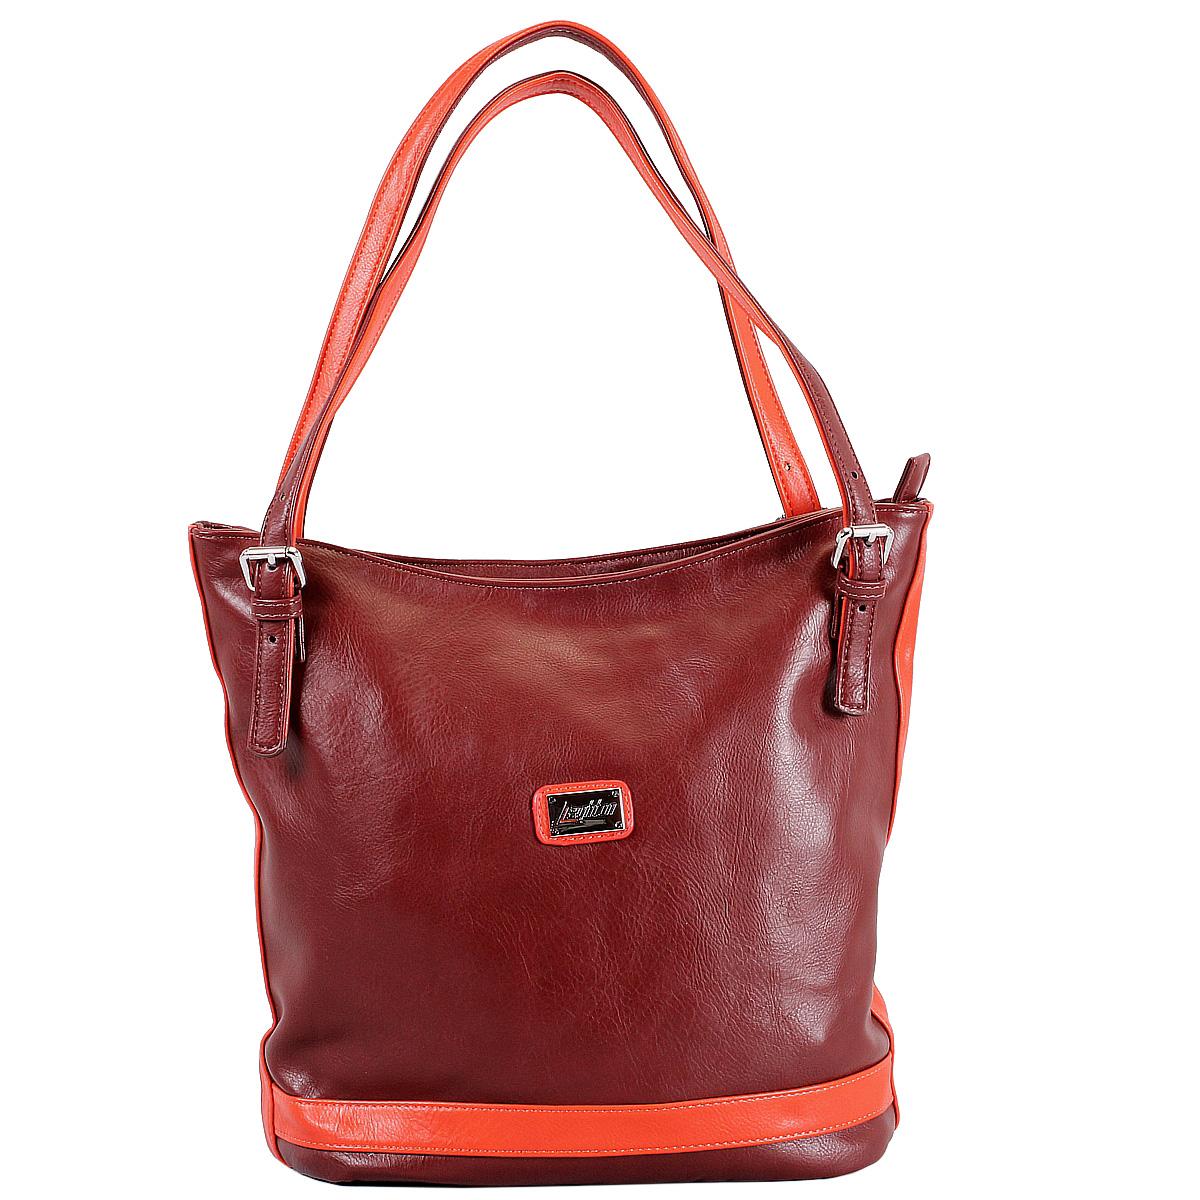 Сумка женская Leighton, цвет: бордовый, оранжевый. 76618-292/42/292/5276618-292/42/292/52 бордоСтильная женская сумка Leighton выполнена из высококачественной искусственной кожи с отделкой из кожи контрастного цвета. Сумка имеет одно вместительное отделение, закрывающееся на застежку-молнию. Внутри - смежный карман на молнии, вшитый карман на молнии и два накладных кармана для мелочей. С внешней стороны на задней стенке расположен карман на молнии. Сумка оснащена двумя ручками, позволяющими носить ее на плече. В комплекте чехол для хранения. Фурнитура - серебристого цвета. Сумка - это стильный аксессуар, который подчеркнет вашу индивидуальность и сделает ваш образ завершенным. Классическое цветовое сочетание, стильный декор, модный дизайн - прекрасное дополнение к гардеробу модницы.